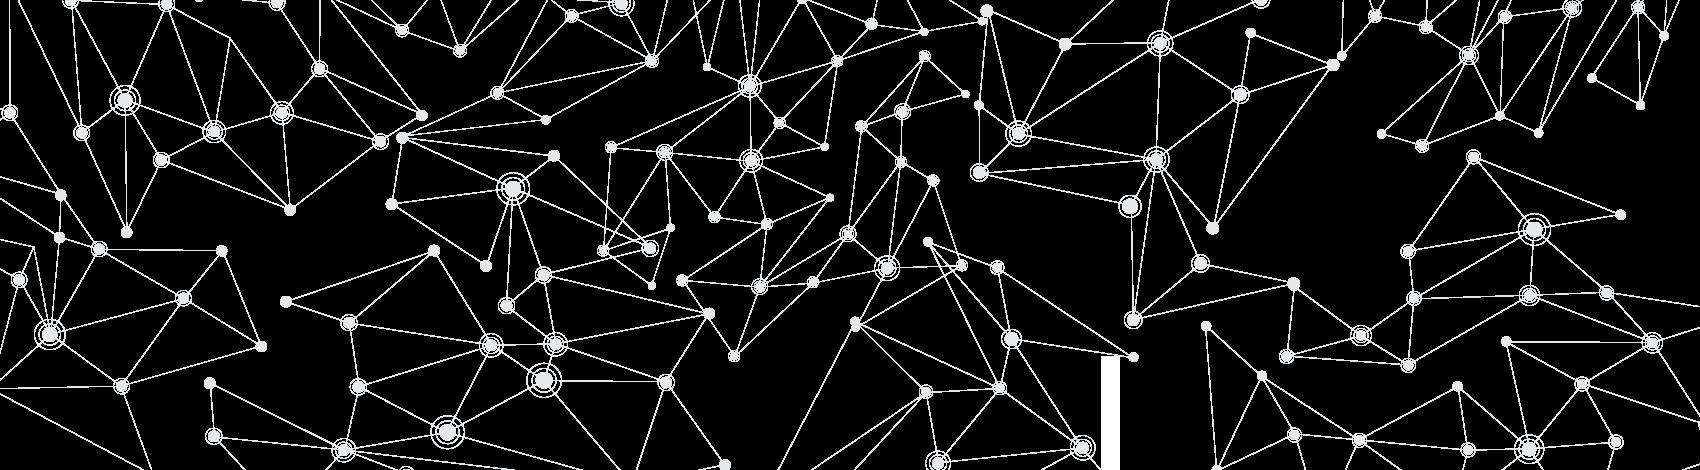 unified energy global network